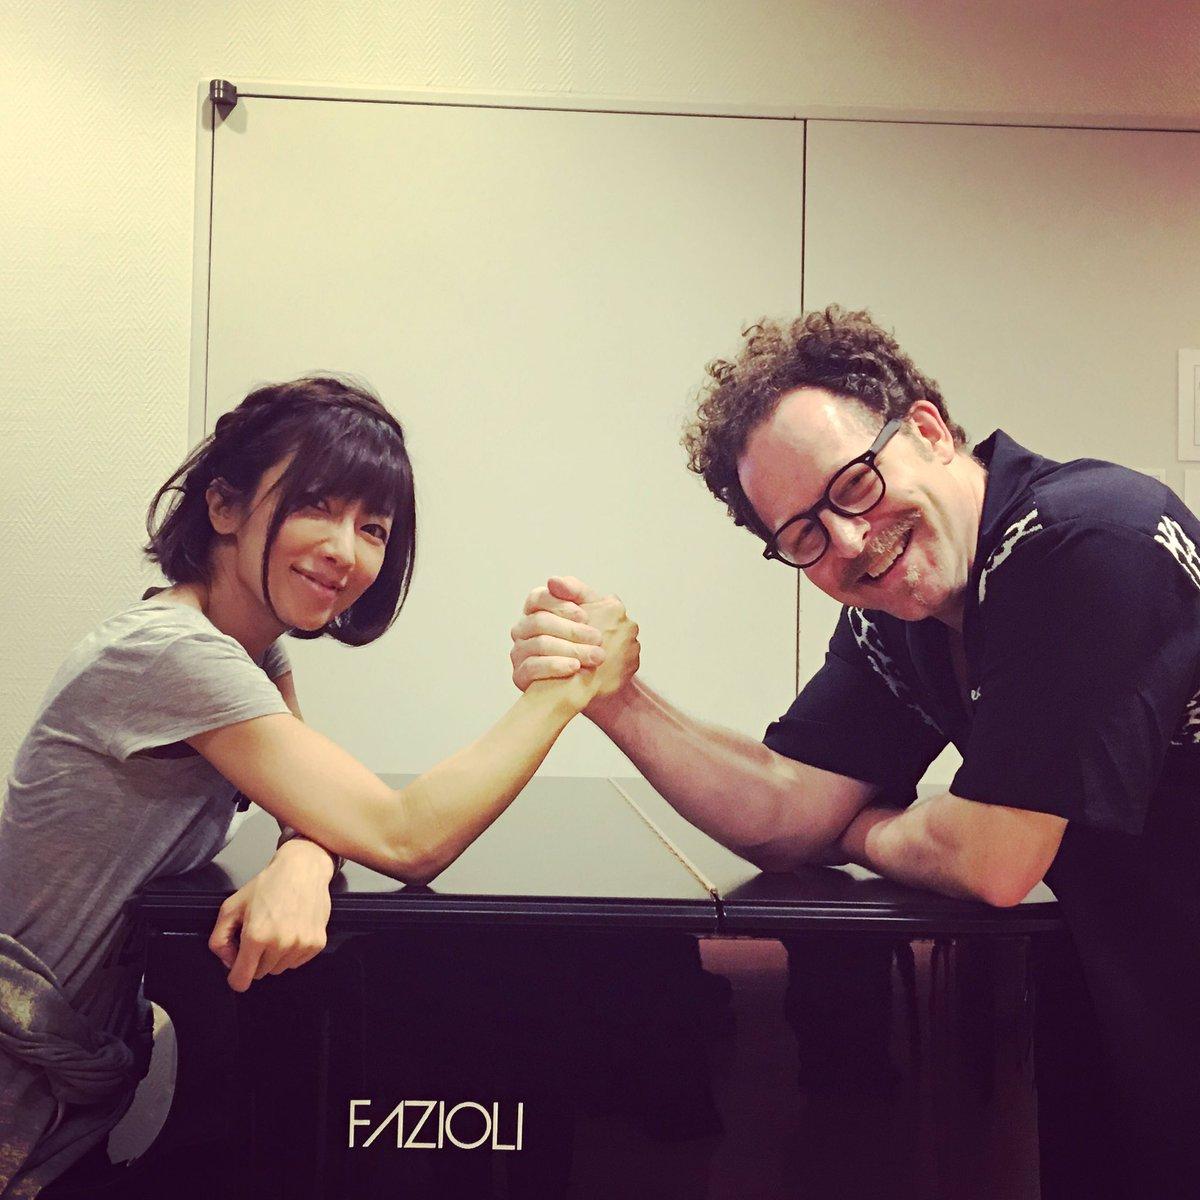 マエストロジョンアクセルロッドさん,NHK交響楽団の皆様共演させて頂けて光栄です✨お越し賜わりました皆様、本当に有難うございました